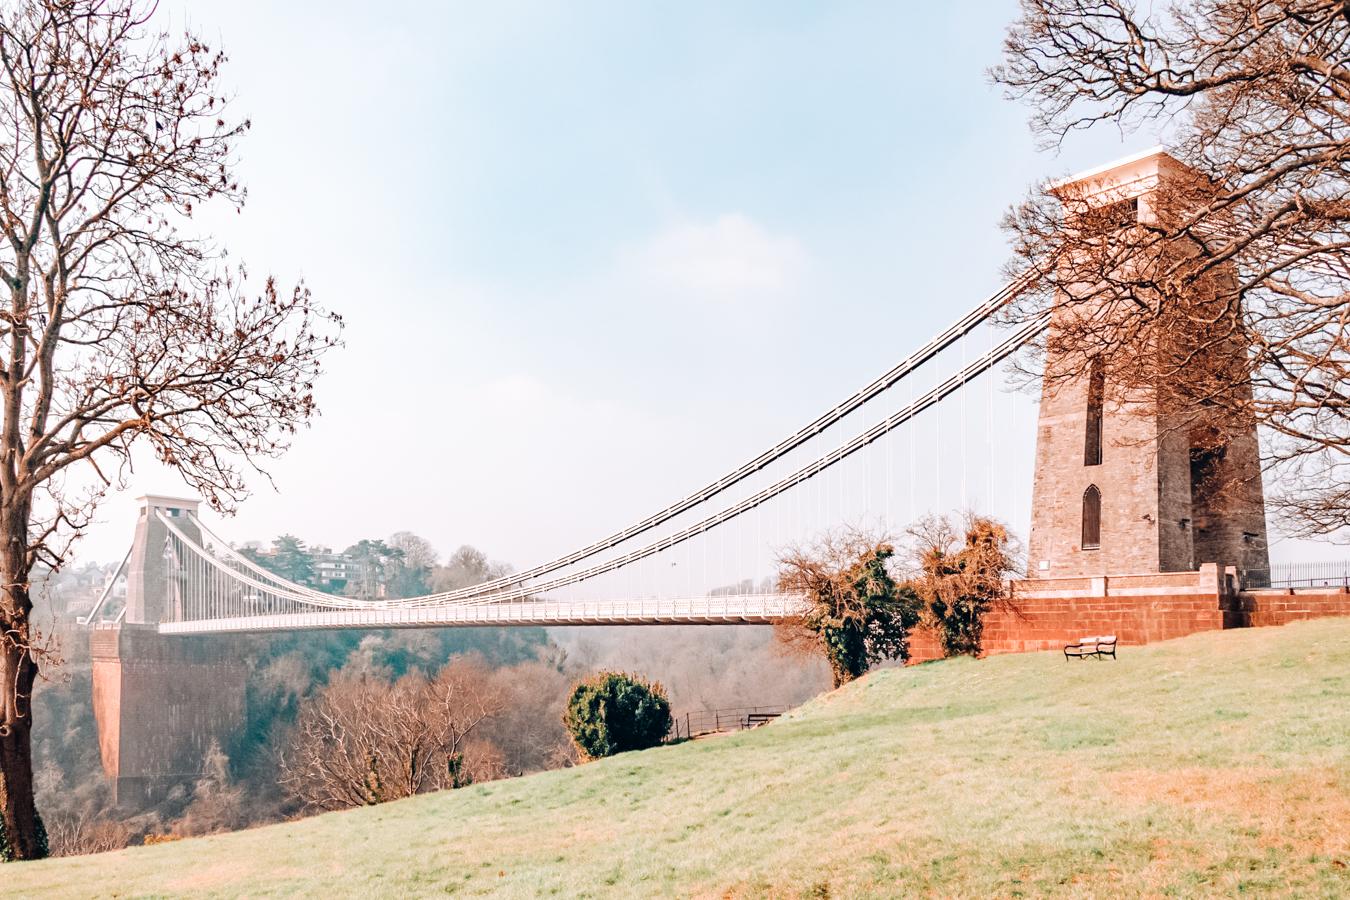 Bridge in Bristol